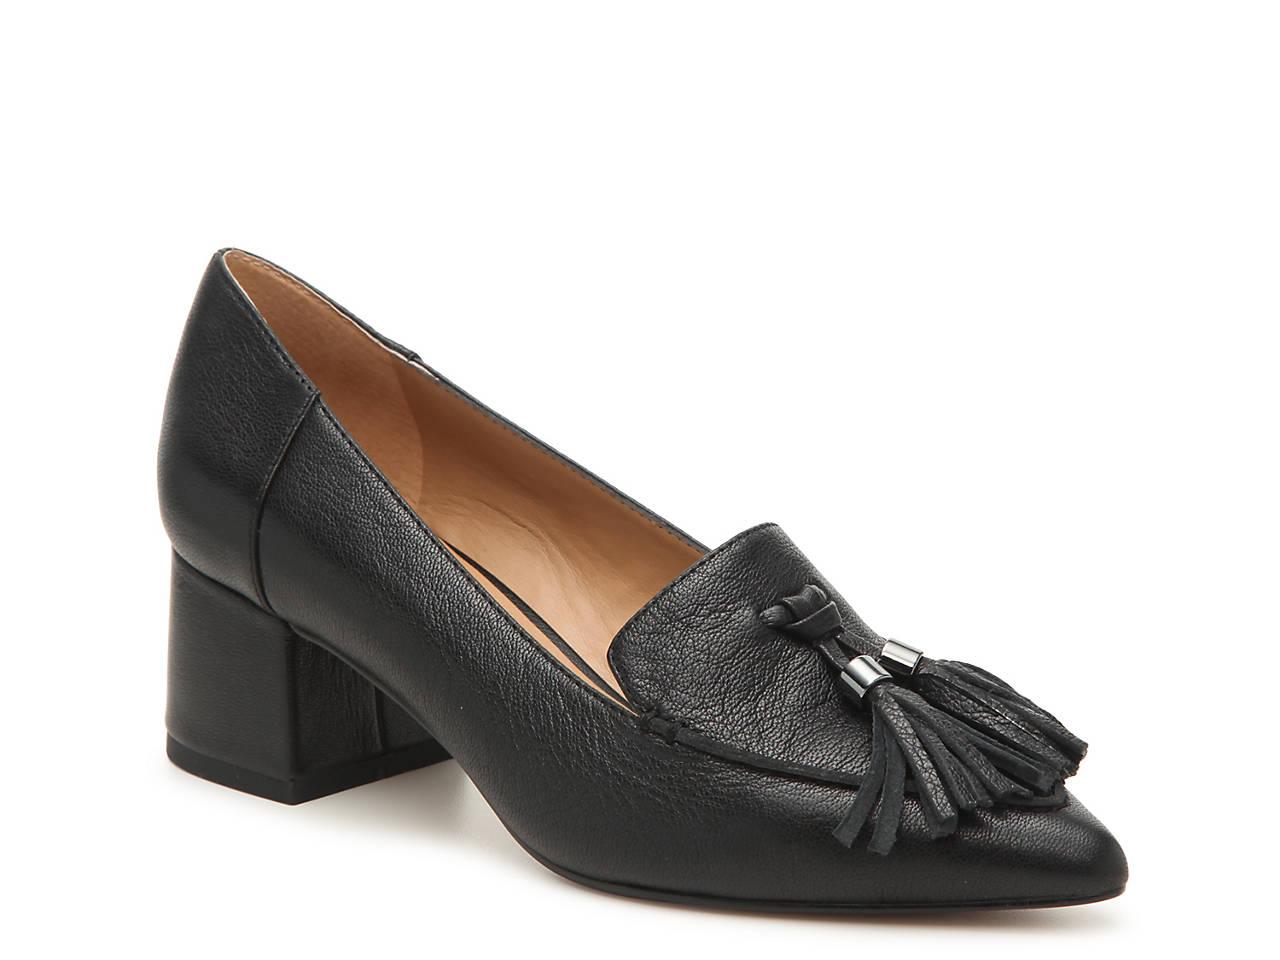 79642b158cd Franco Sarto Crane Pump Women s Shoes